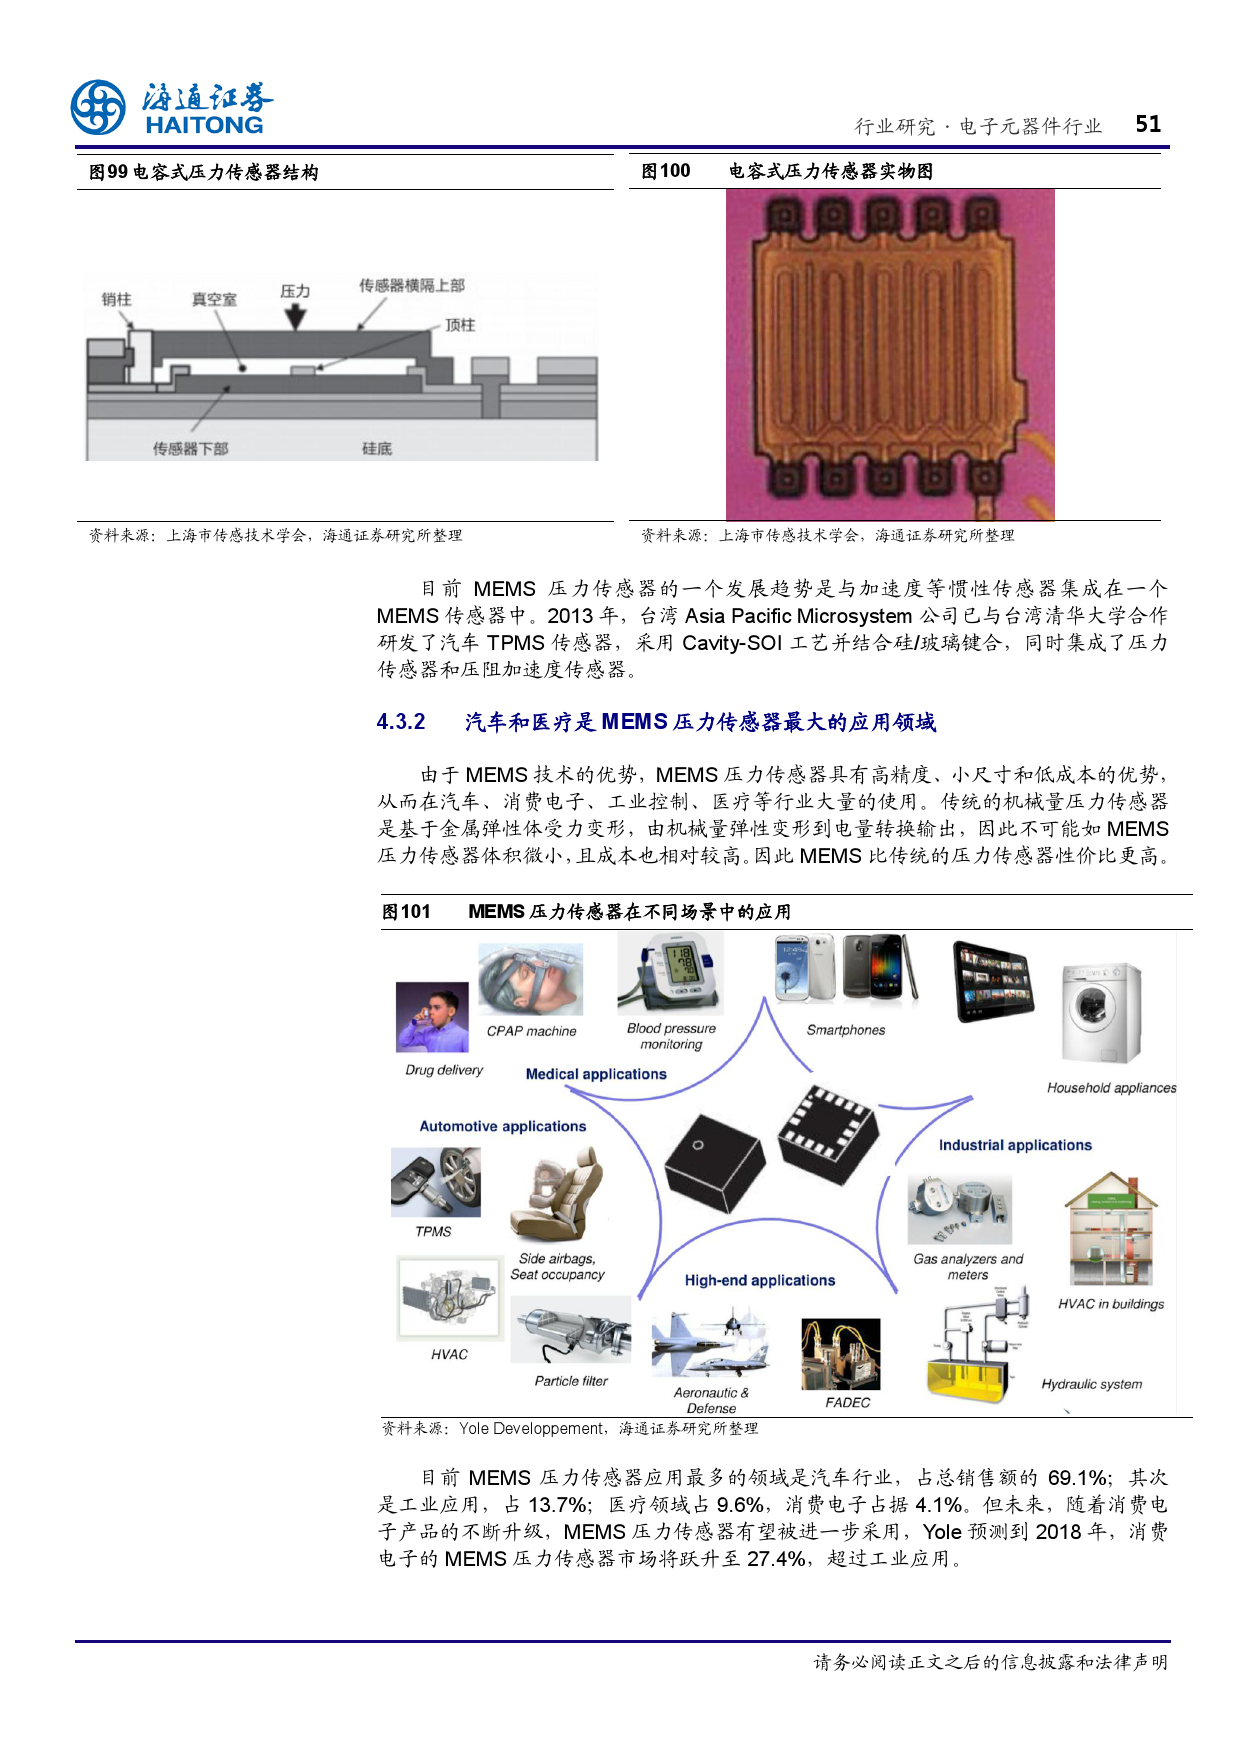 报告全解传感器全球产业链_000051